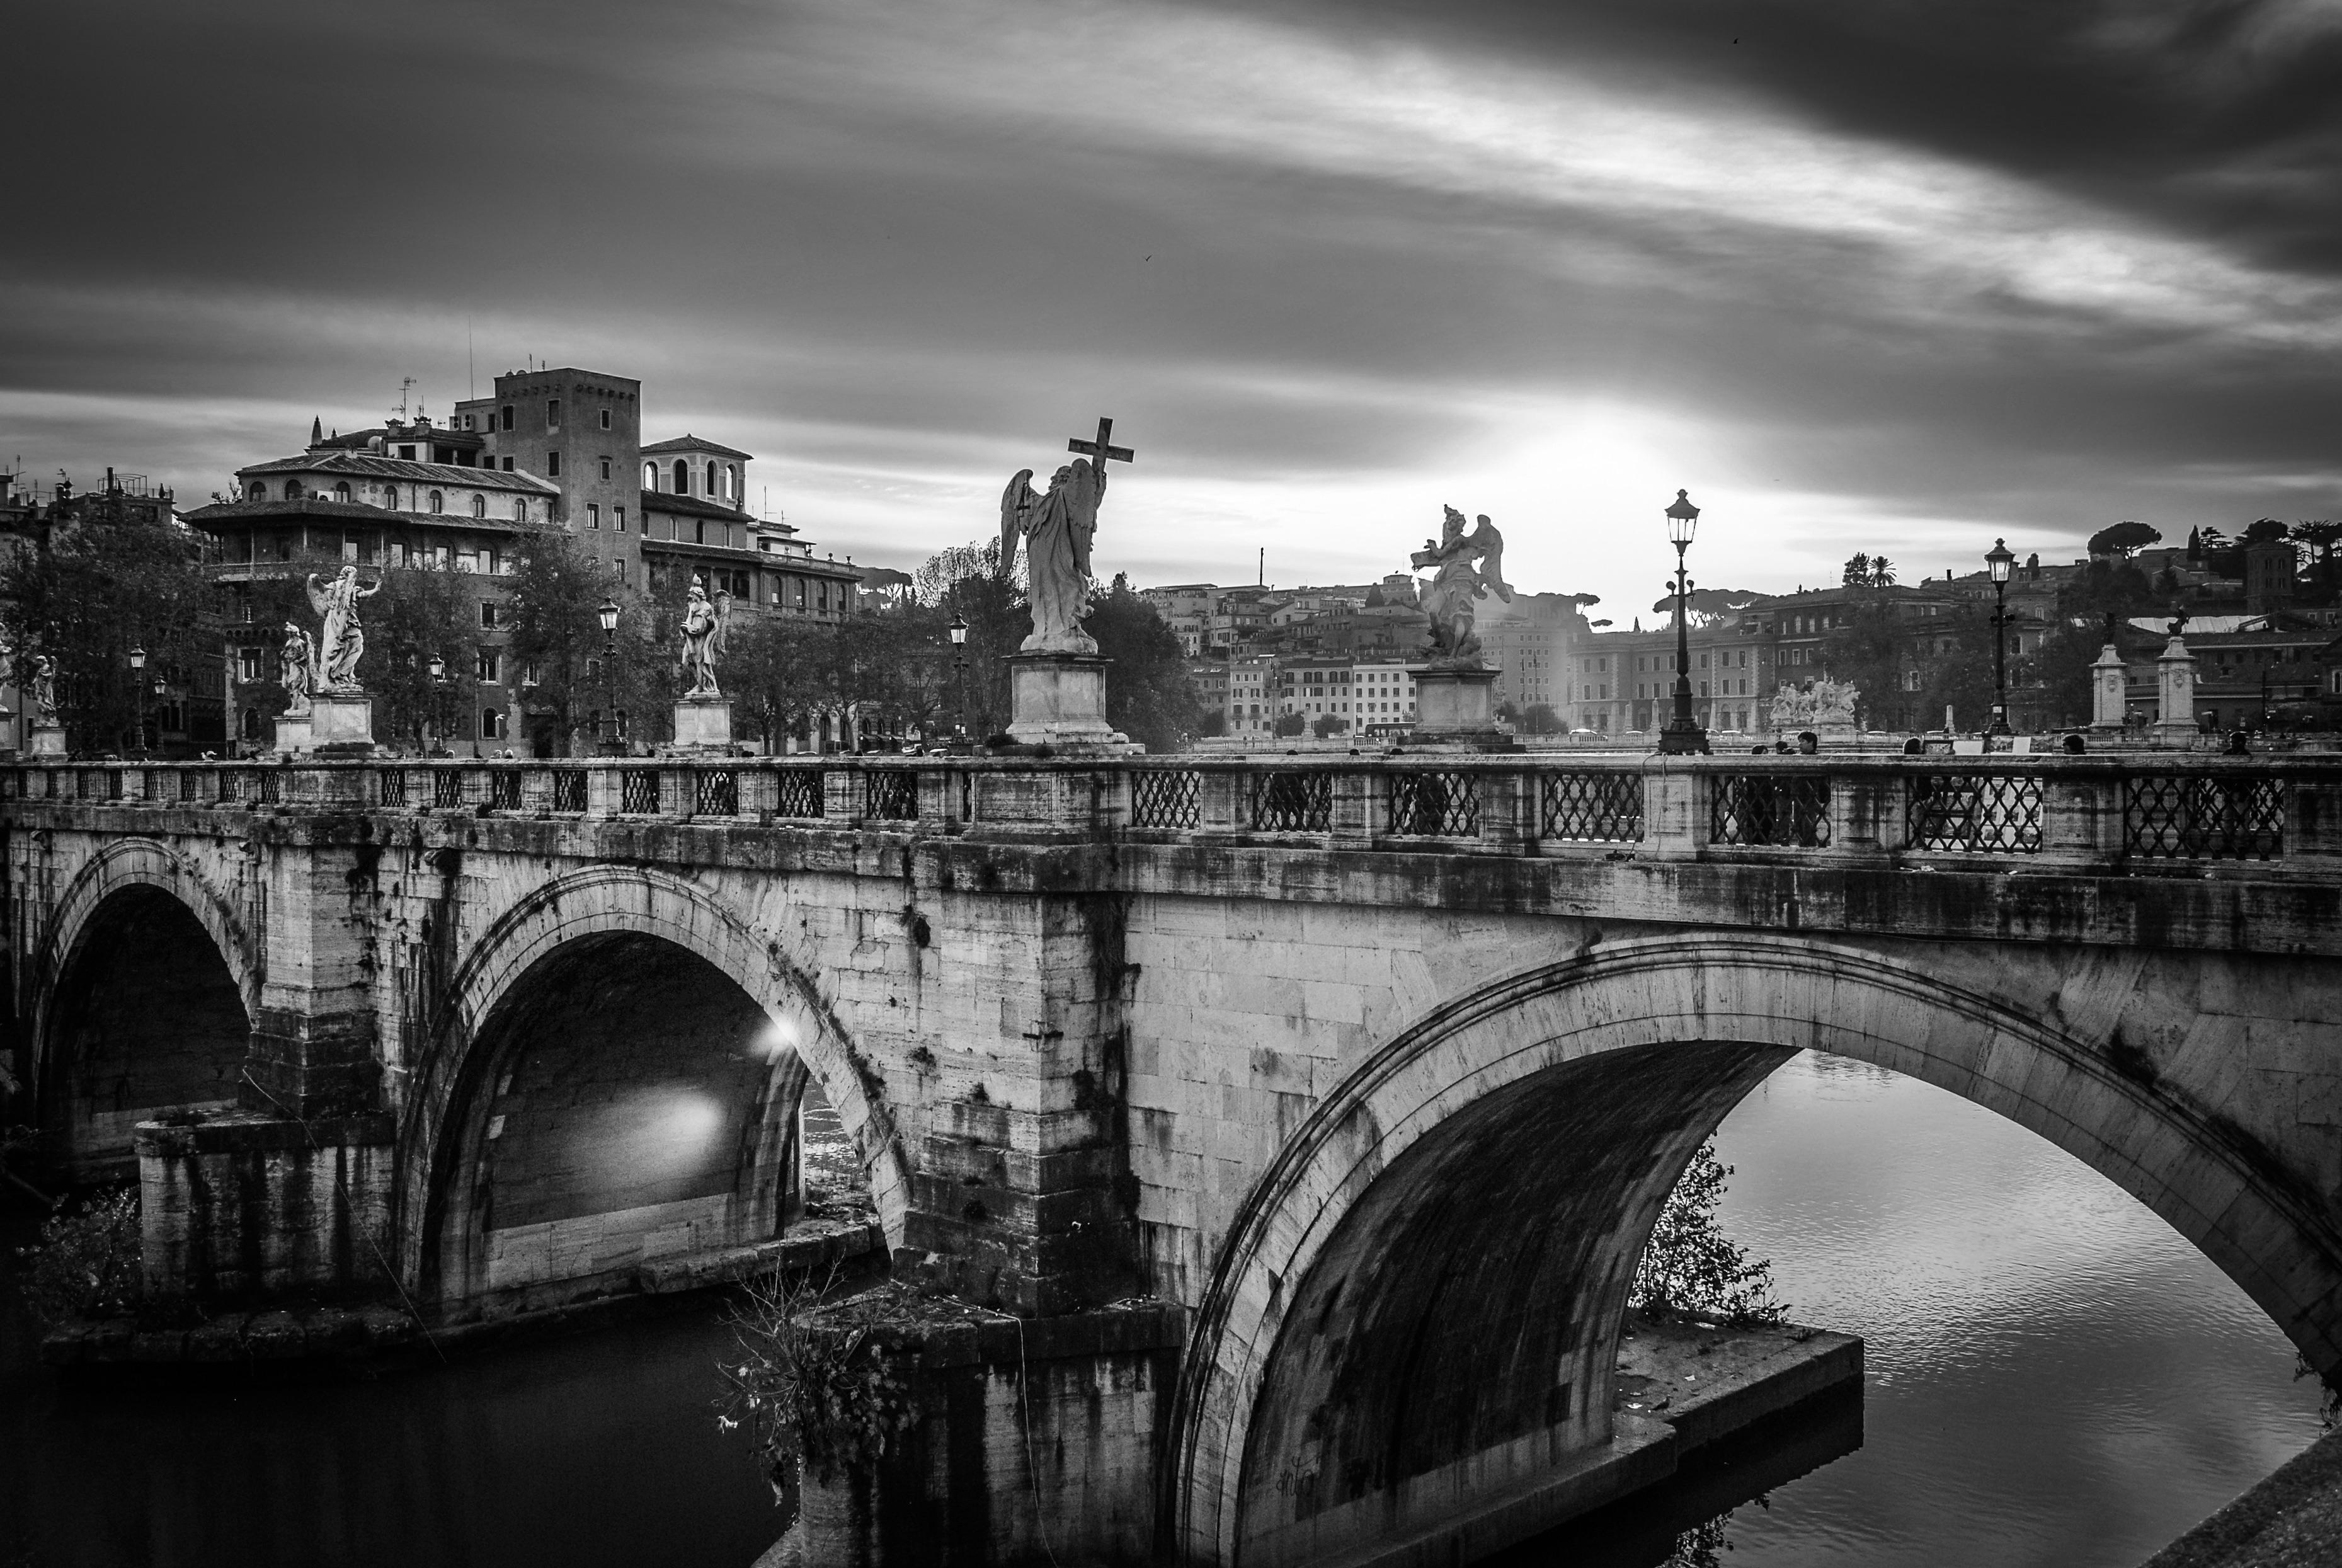 оставляет собой фотографии мостов черно белые высокого разрешения множества